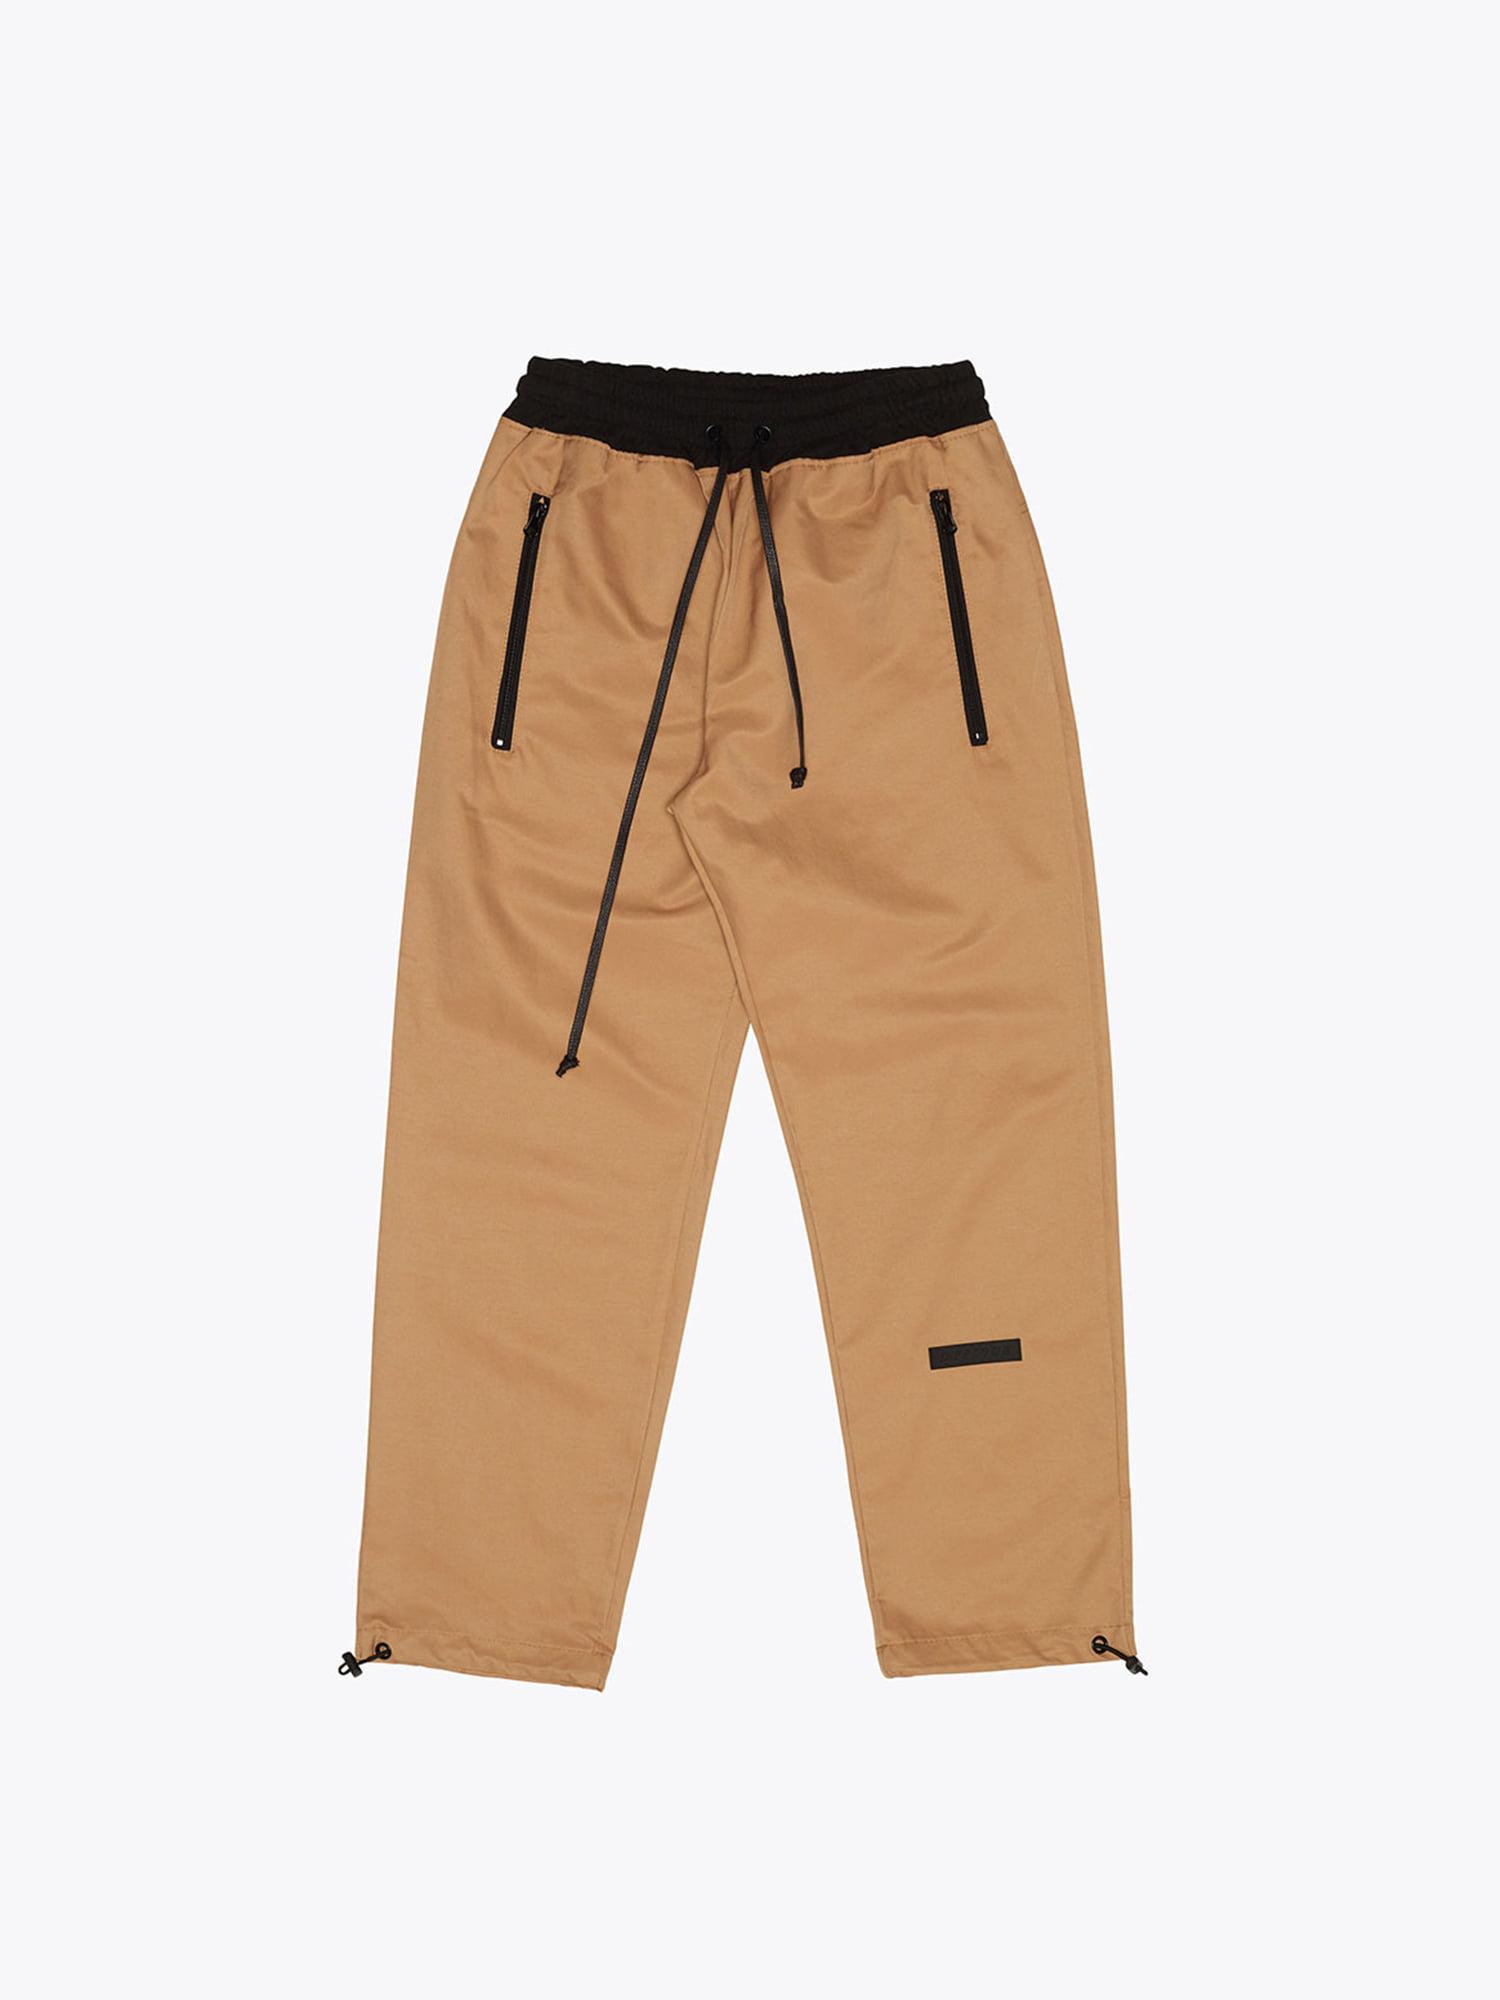 08 Cotton Track Pants - Beige